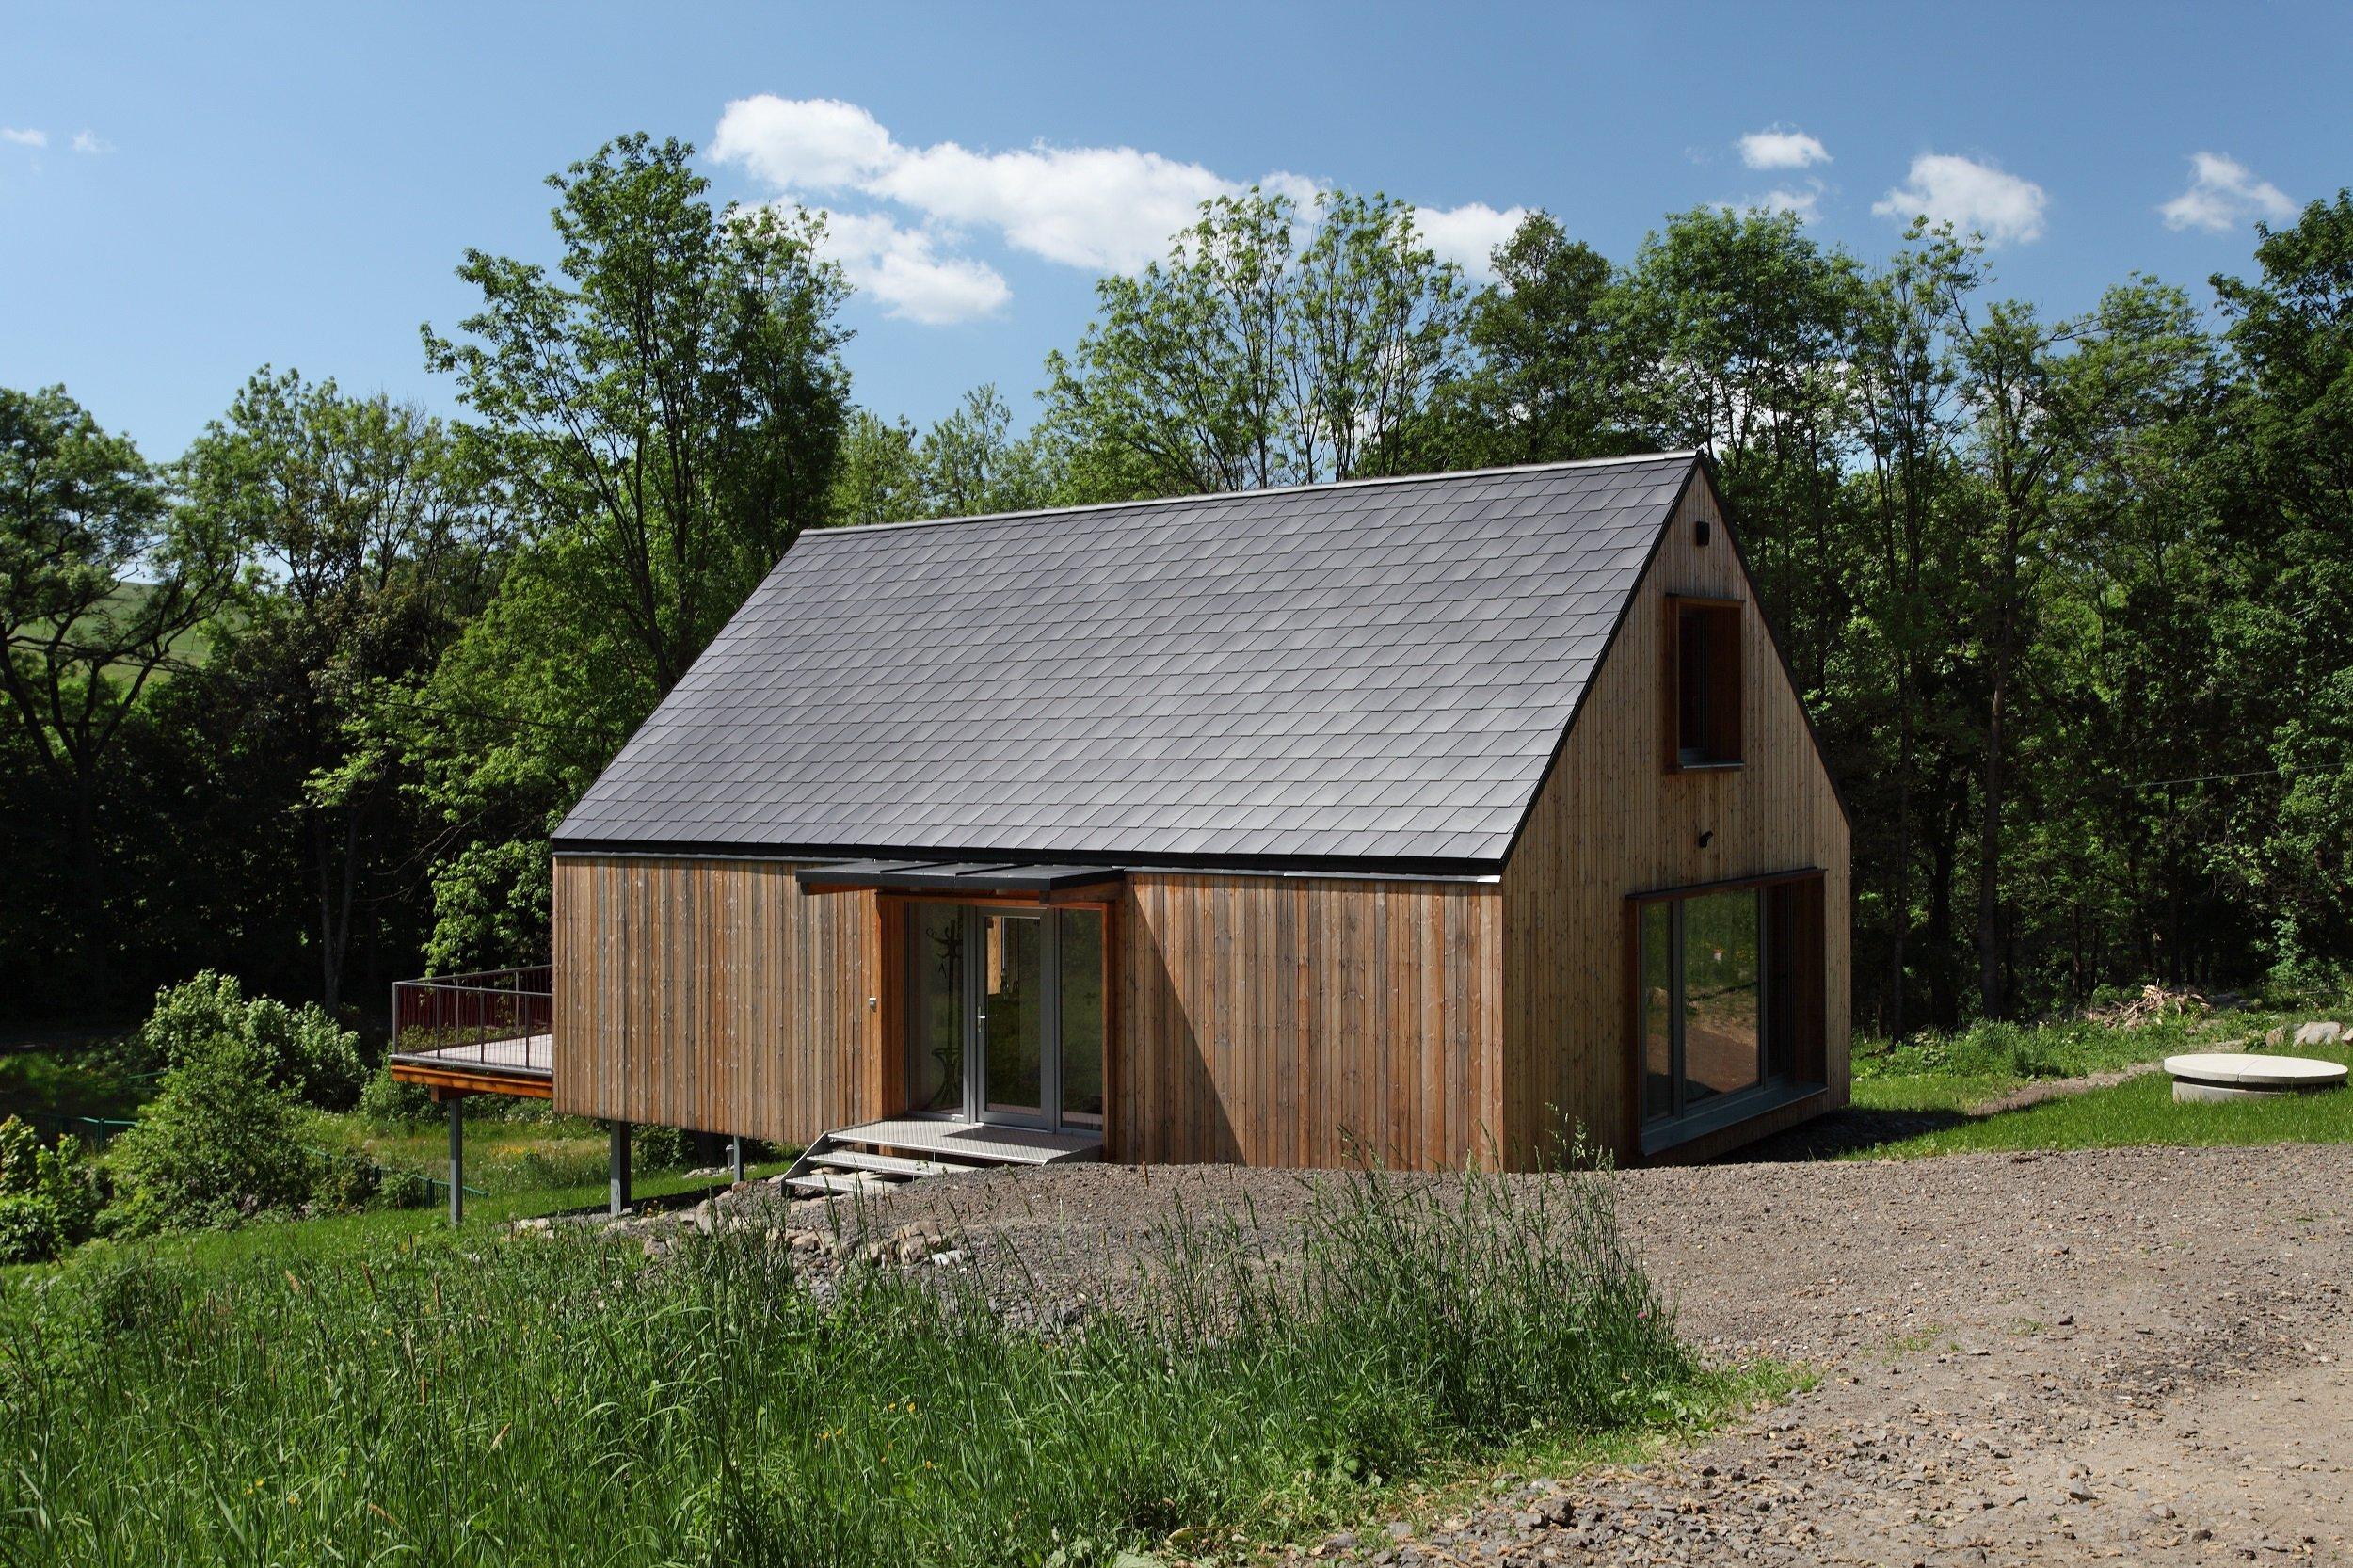 """Pokud toužíte vyzkoušet svou """"testovací jízdu"""" v moderní dřevostavbě, pak je Domesi Concept House určen právě vám! Víkendový dům - s veškerým…"""